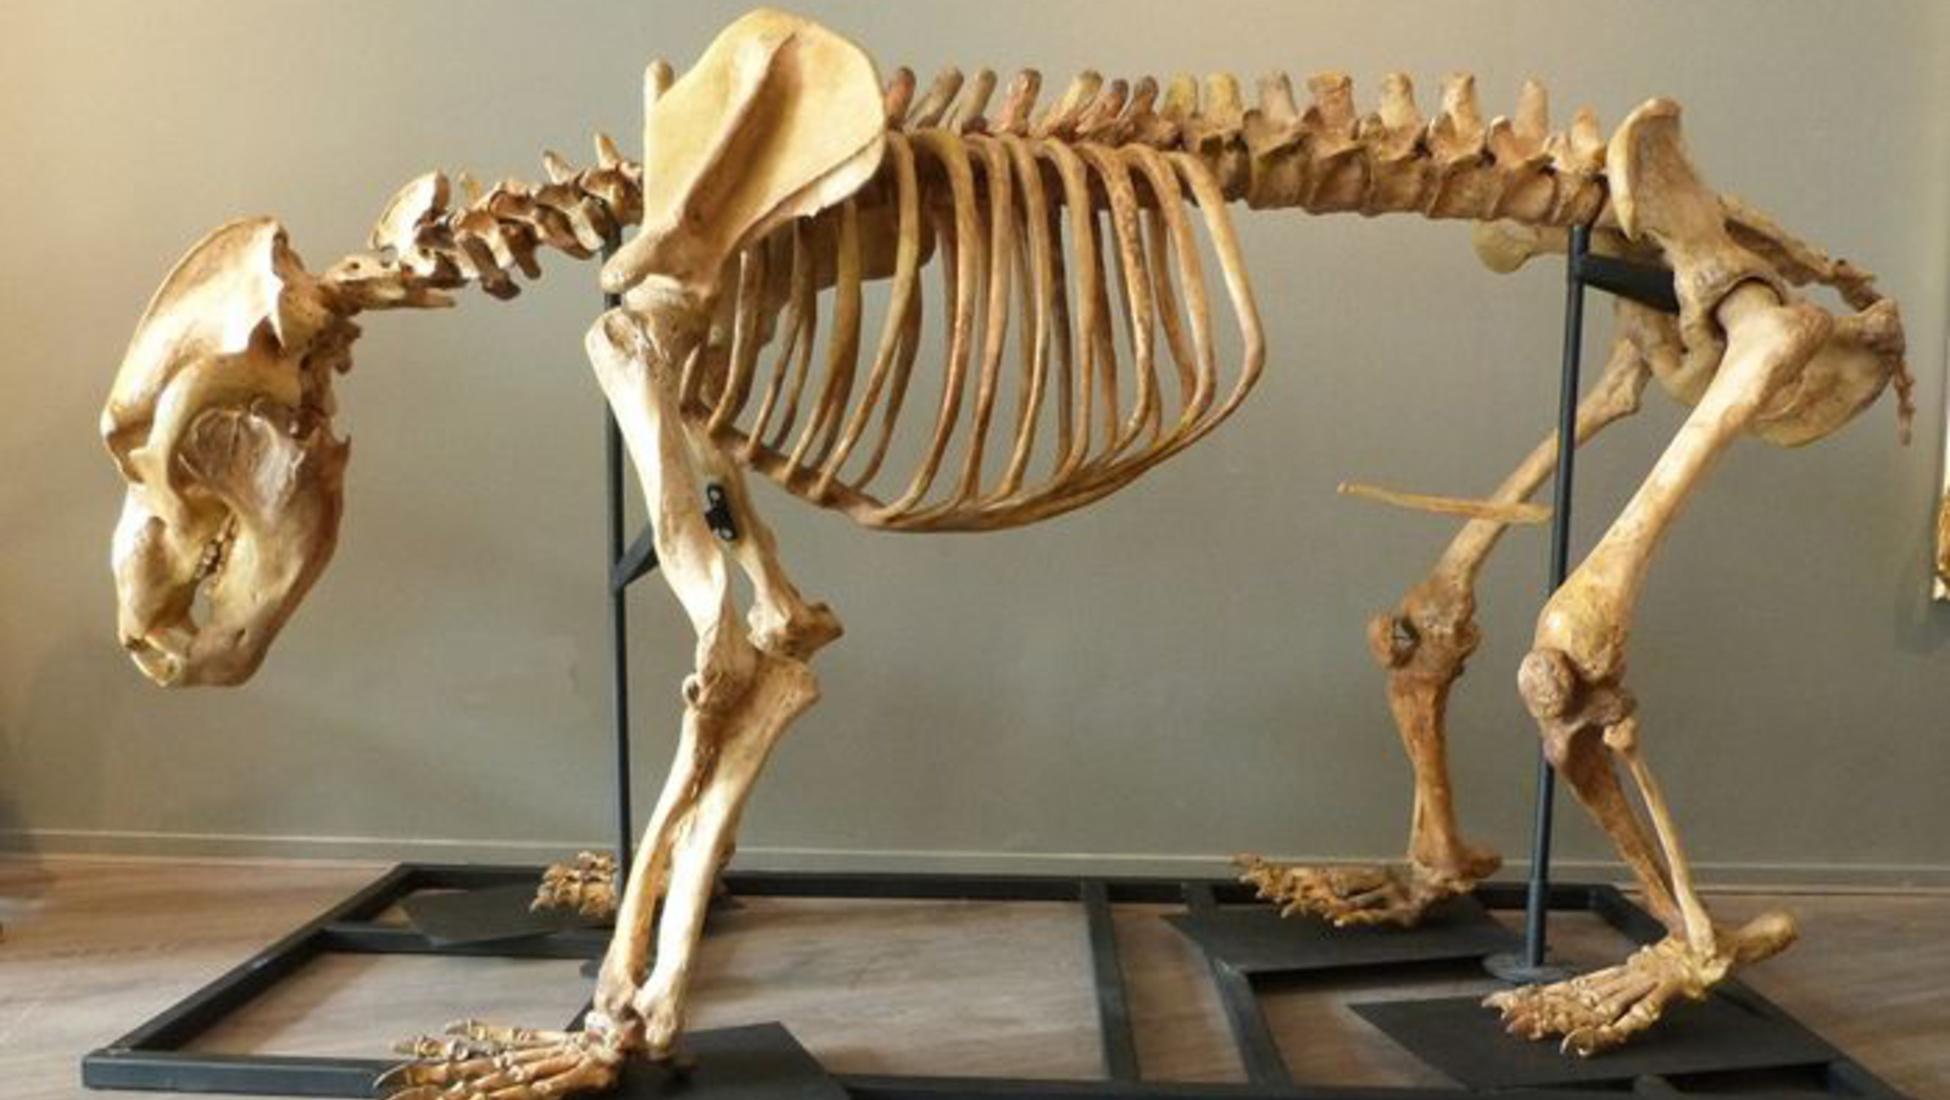 El esqueleto de oso cavernario completo al 90-95% disponible en Catawiki 71f30c1a4d7